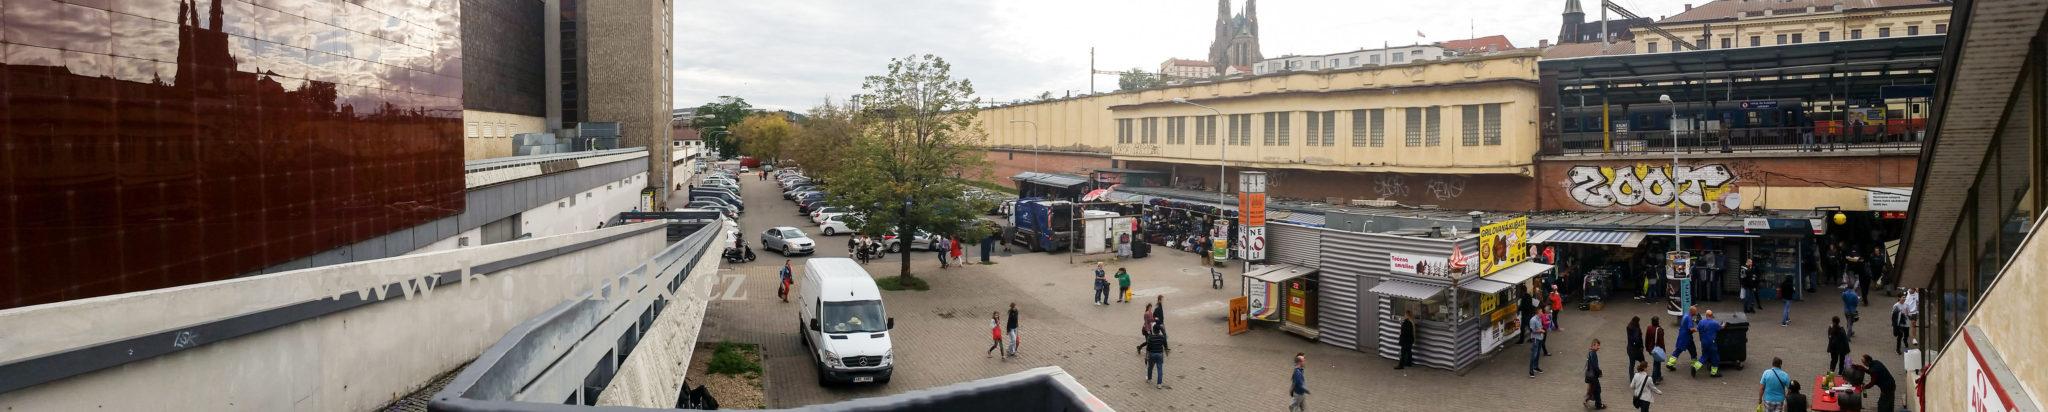 OD Prior u horního brněnského nádraží jako součást městských legend